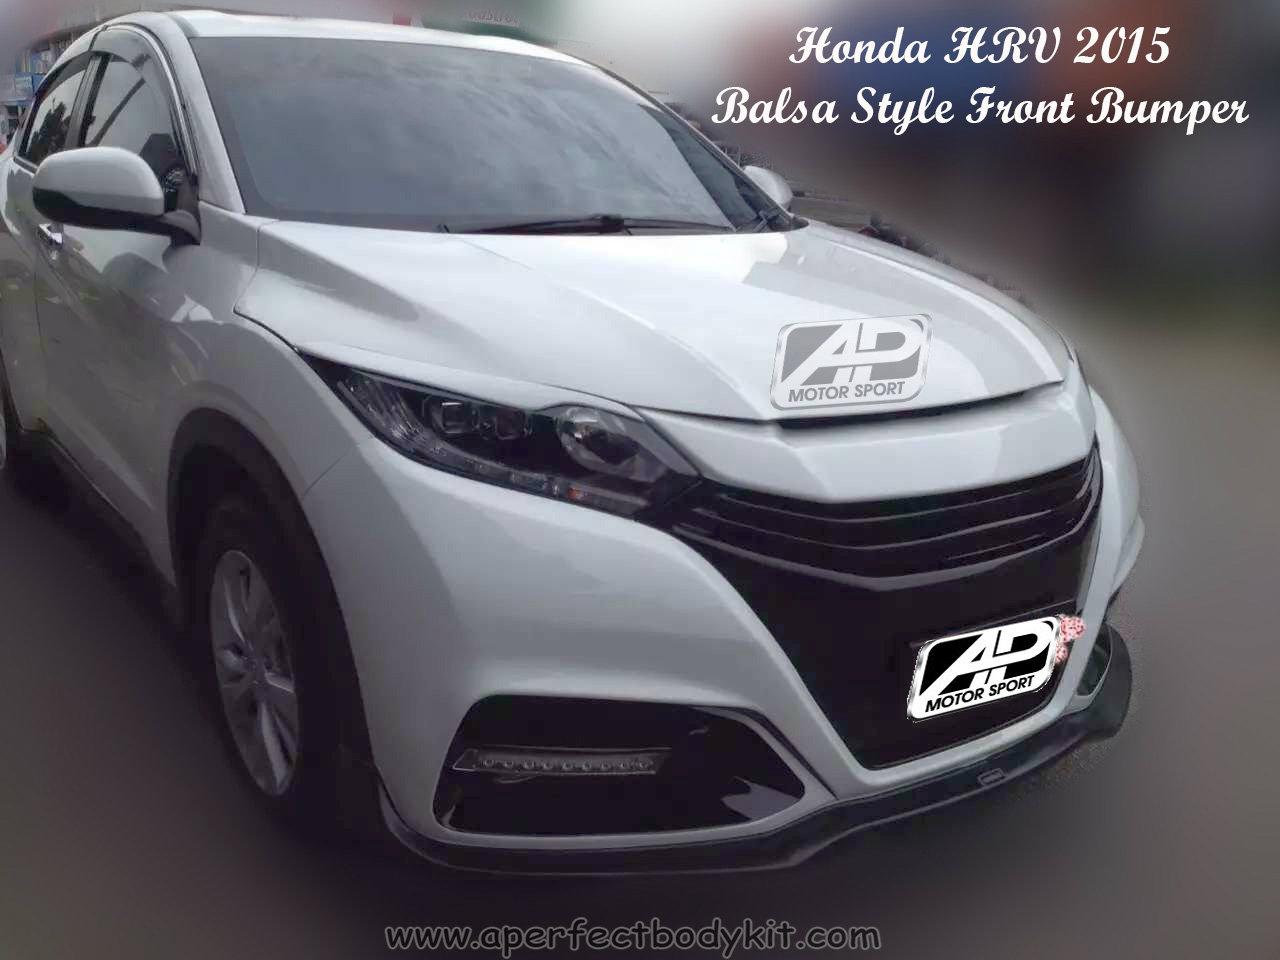 Honda HRV 2015 Balsa Style Front Bumper Honda HRV / Vezel ...